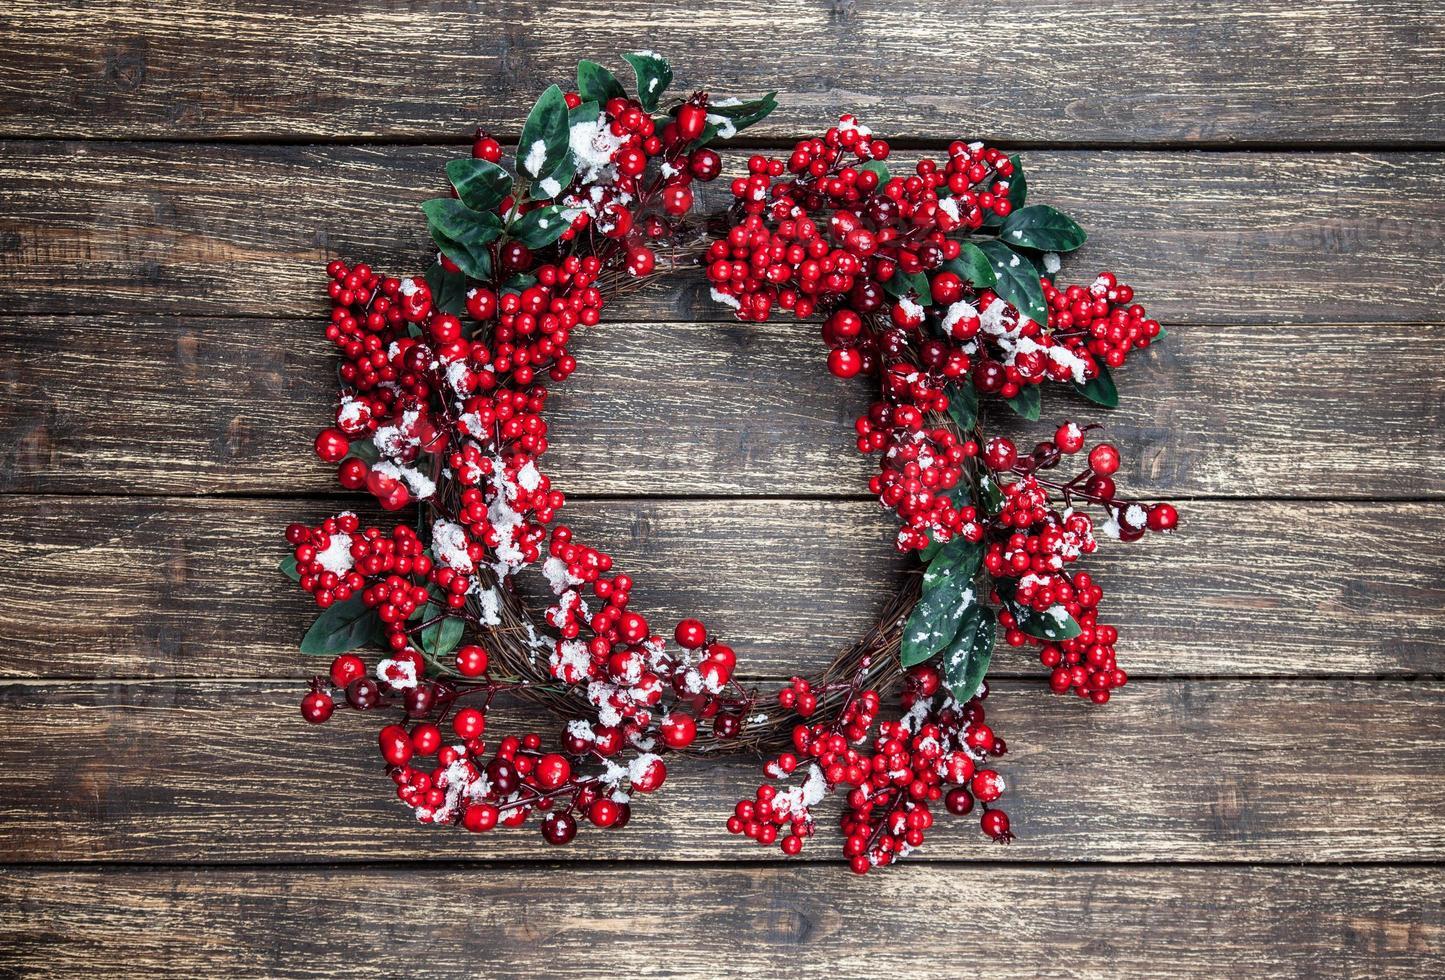 järnek julkrans på träbord. foto